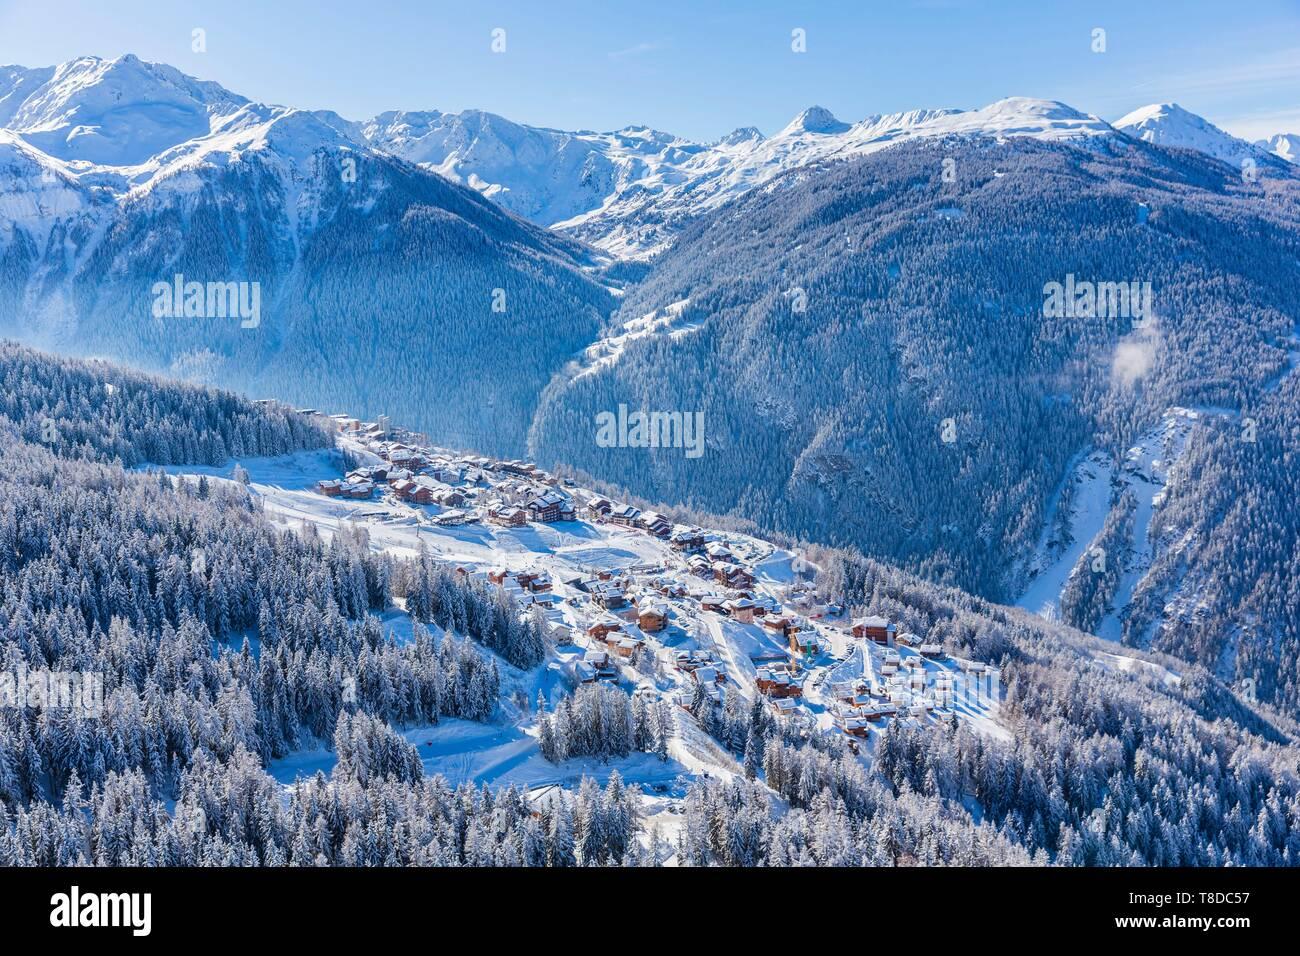 France, Savoie, Vanoise massif, valley of Haute Tarentaise, Peisey-Nancroix, Peisey-Vallandry, part of the Paradiski area, view of the La Plagne ski area, (aerial view) Stock Photo